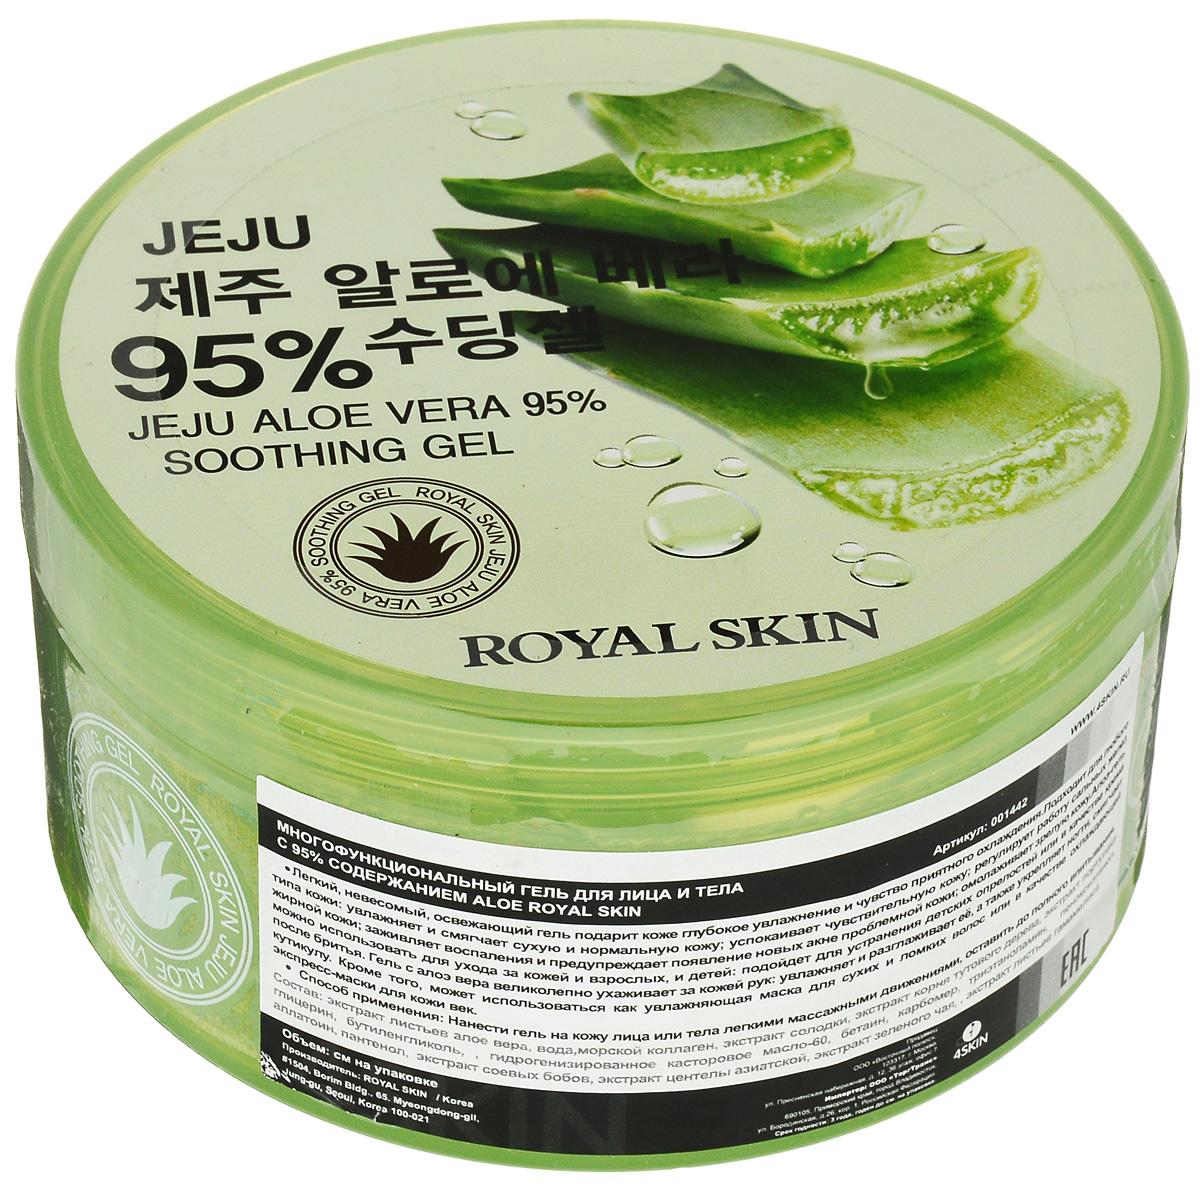 Royal Skin Многофункциональный гель для лица и тела с 95% содержанием Aloe, 300 мл1442Многофункциональный гель с экстрактом алоэ вера, который оказывает увлажняющий, успокаивающий, тонизирующий эффект. Гель имеет легкую текстуру, поэтому быстро впитывается. Подходит для всех типов кожи, в том числе и для обезвоженной. Отличное средство после пребывания на солнце. Гель содержит 95% экстракт алоэ, поэтому кожа увлажняется мгновенно.Гель многофункционален, поэтому его можно применять в качестве увлажняющего крема для лица и тела, маски для волос и для лица, в качестве первой помощи при солнечных ожогах, крема для рук и ногтей. Не содержит триэтаноламина, искусственных красителей, минеральных масел, парабенов, животных жиров, бензофенона.